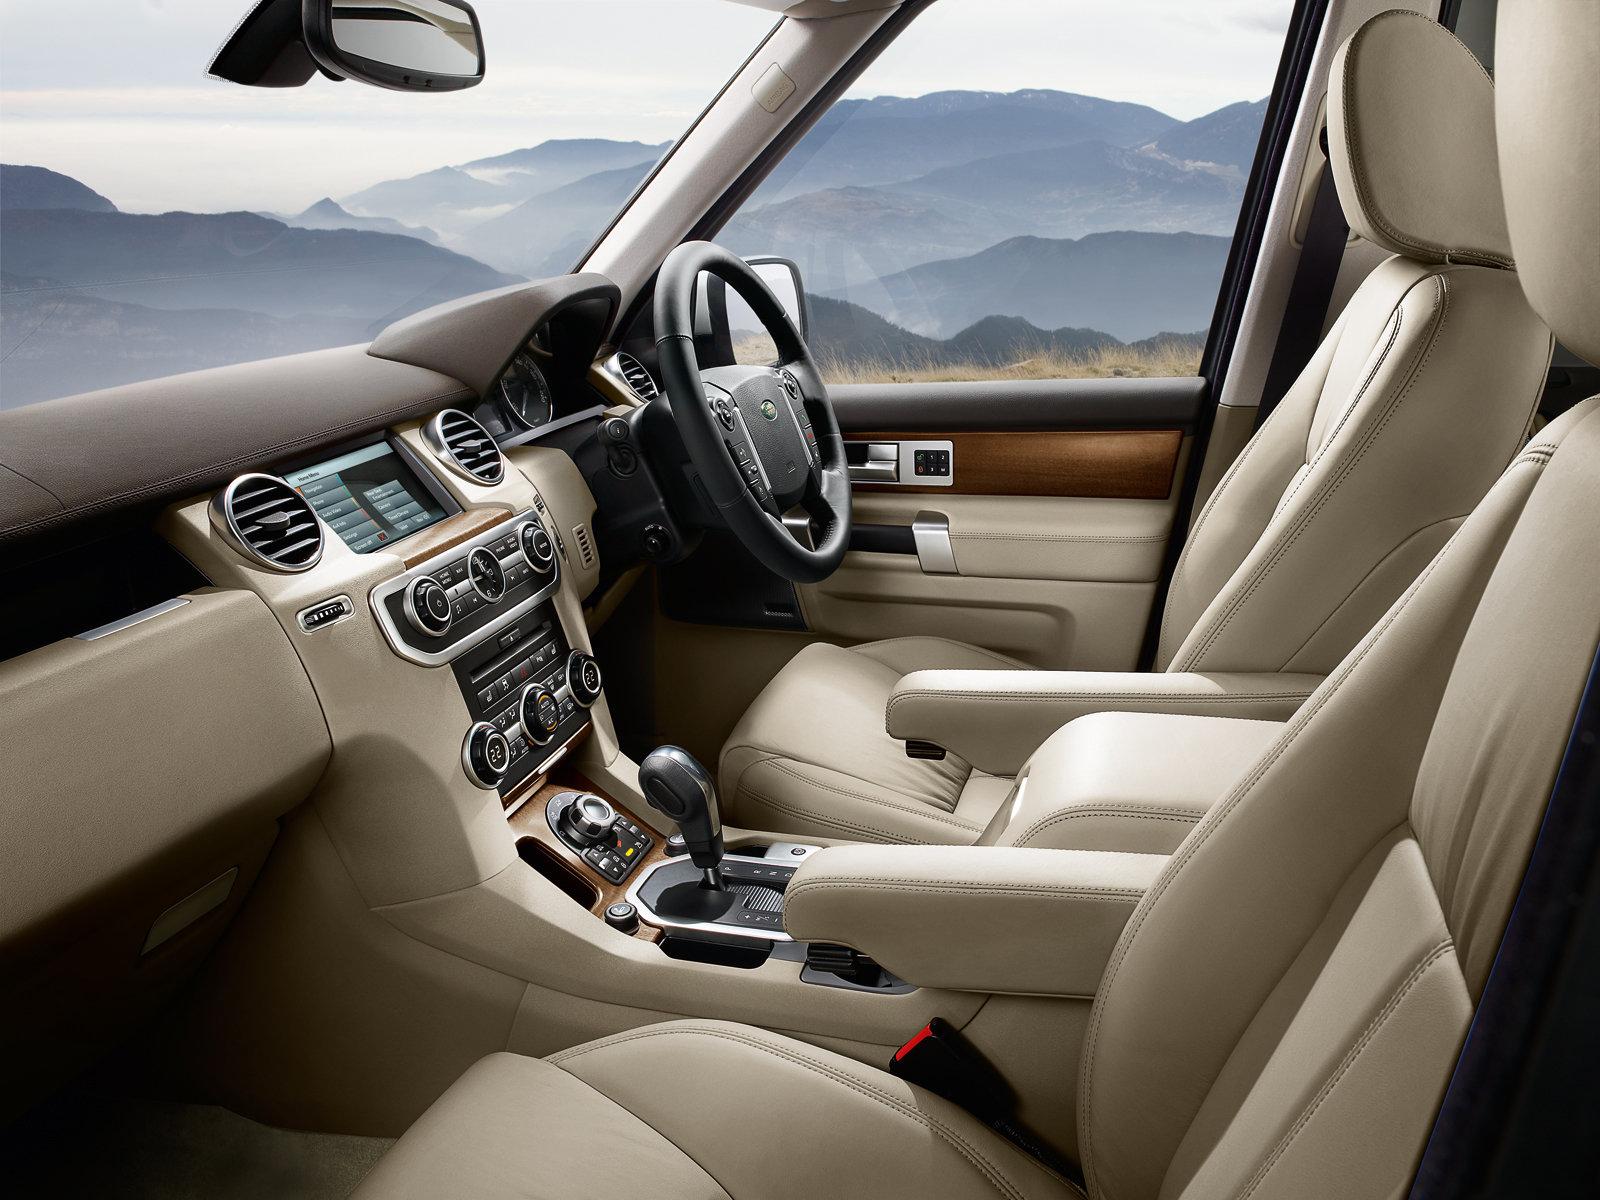 http://3.bp.blogspot.com/-xMigmz4BRSg/UW1xzkeXZPI/AAAAAAAAQYQ/qozw0-vYgQc/s1600/2010+Land+Rover+Discovery+4+interior.jpg